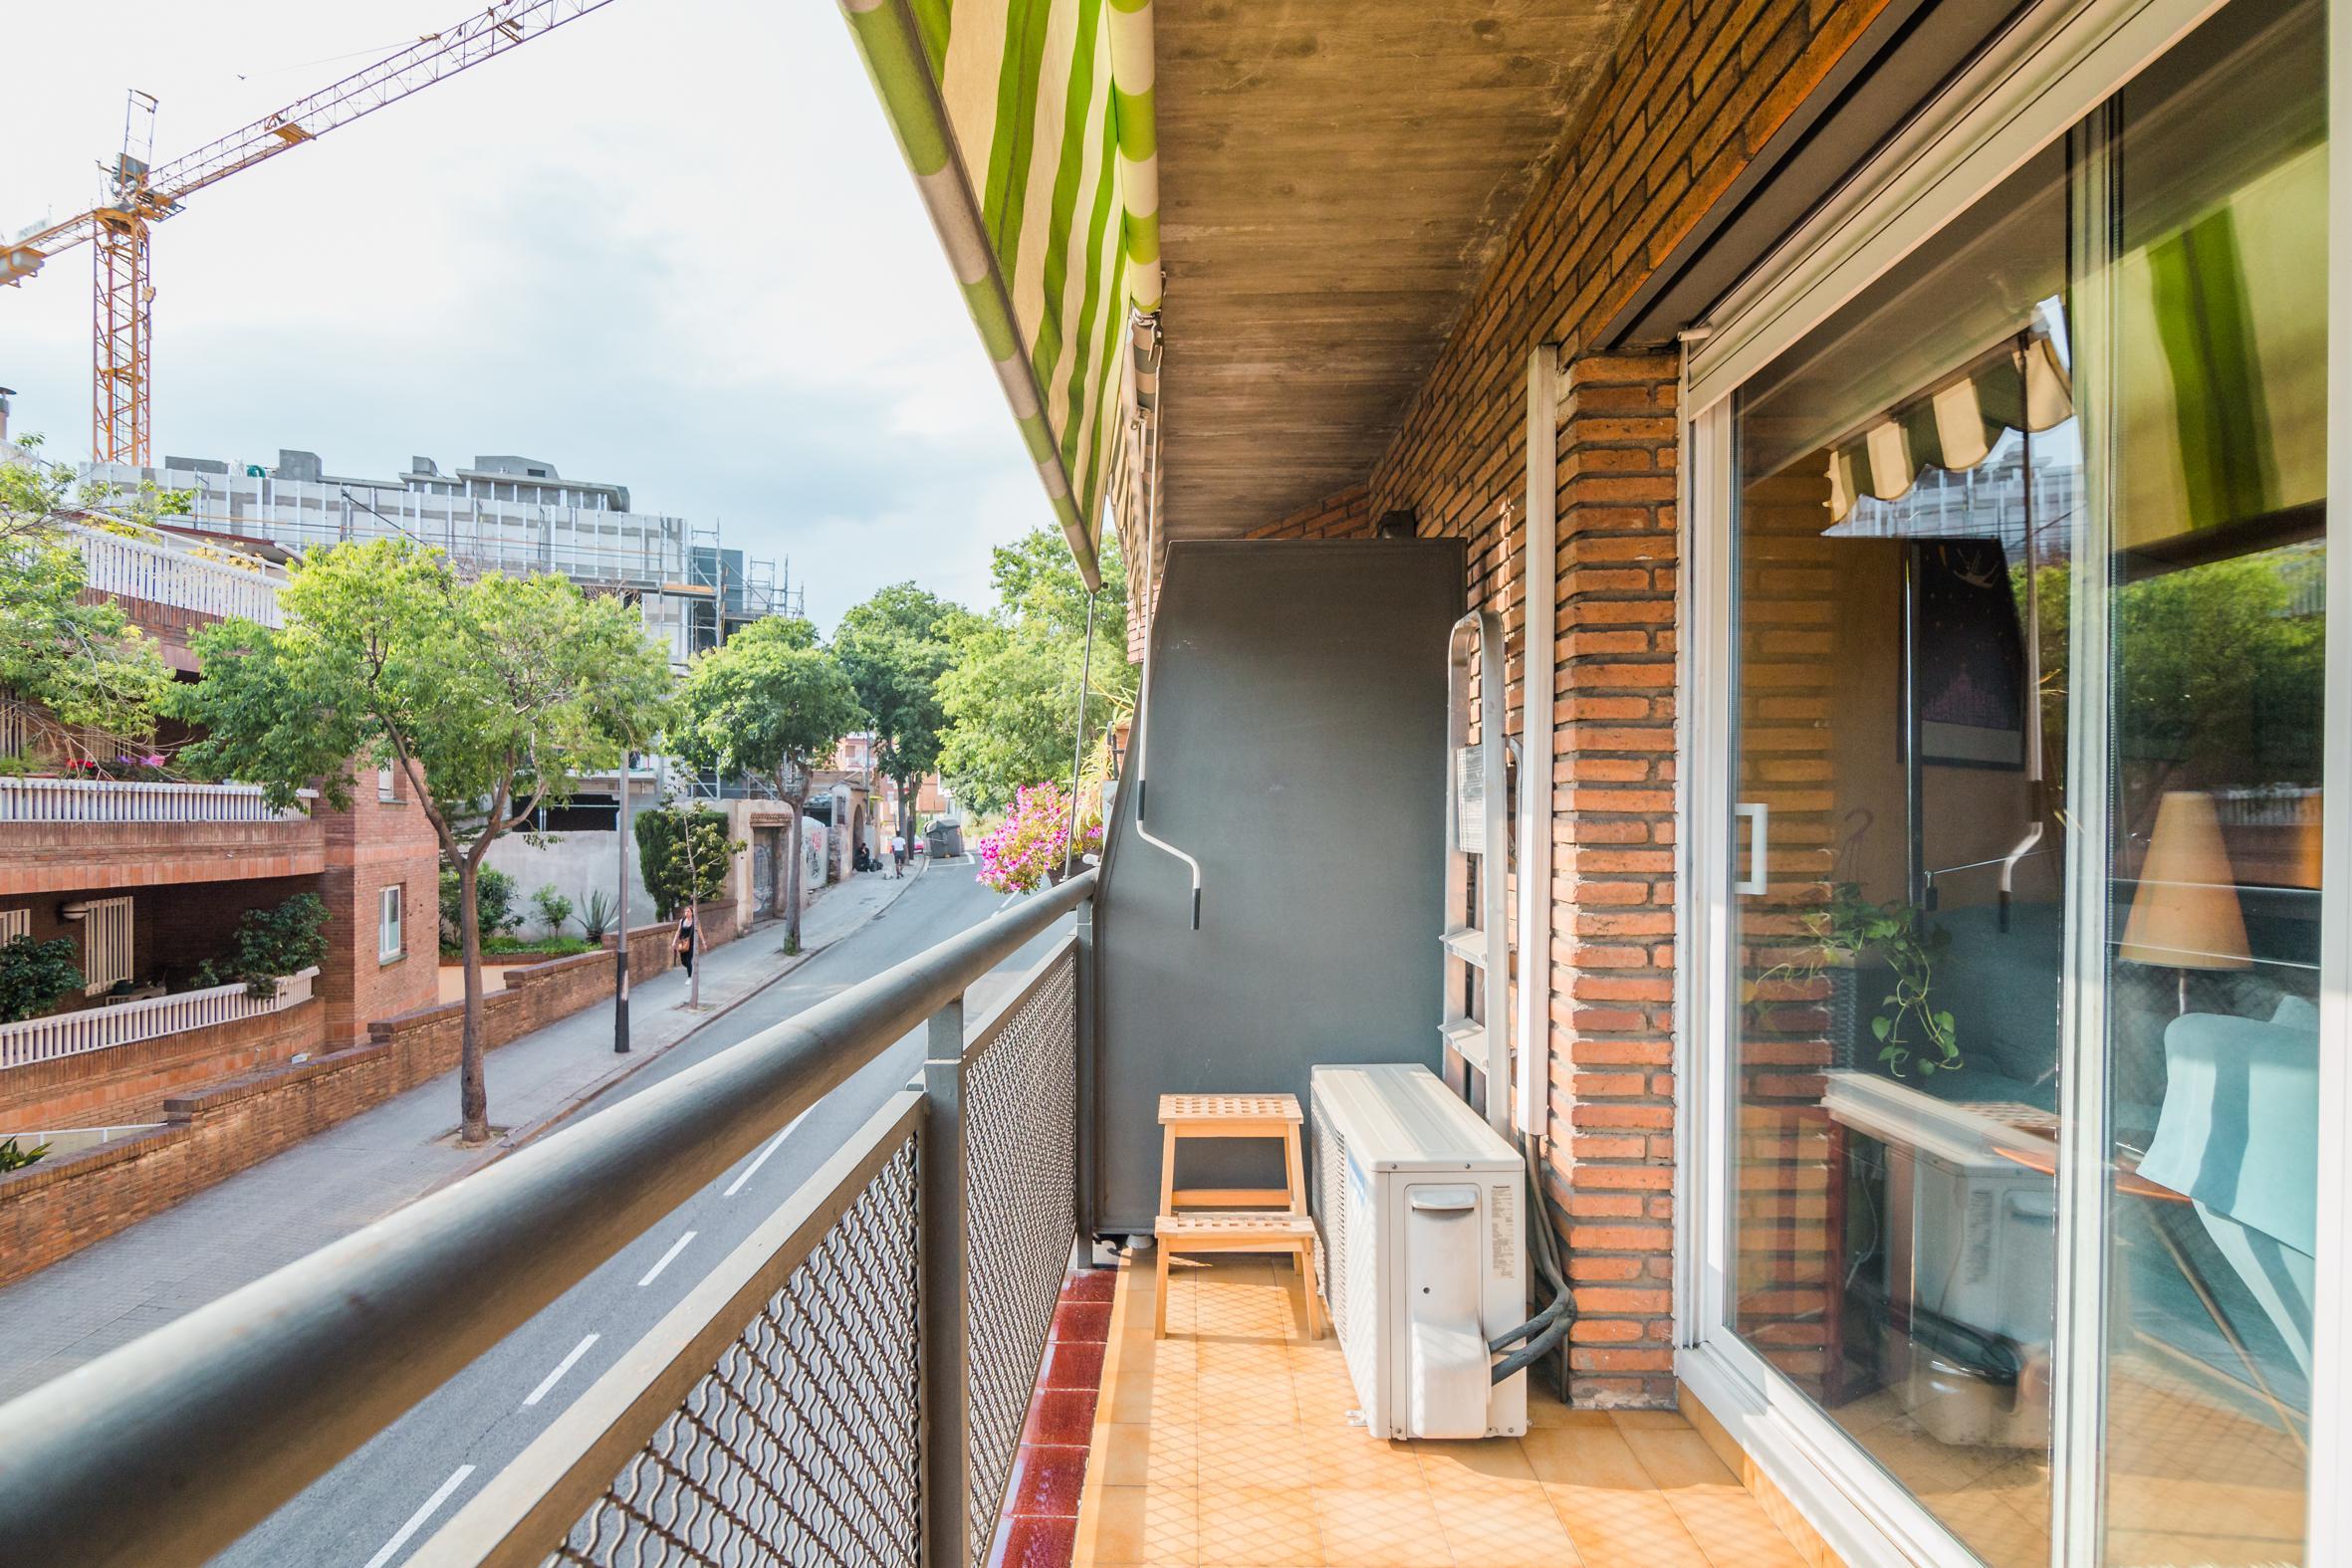 207314 Dúplex en venta en Gràcia, Vallcarca i els Penitents 8